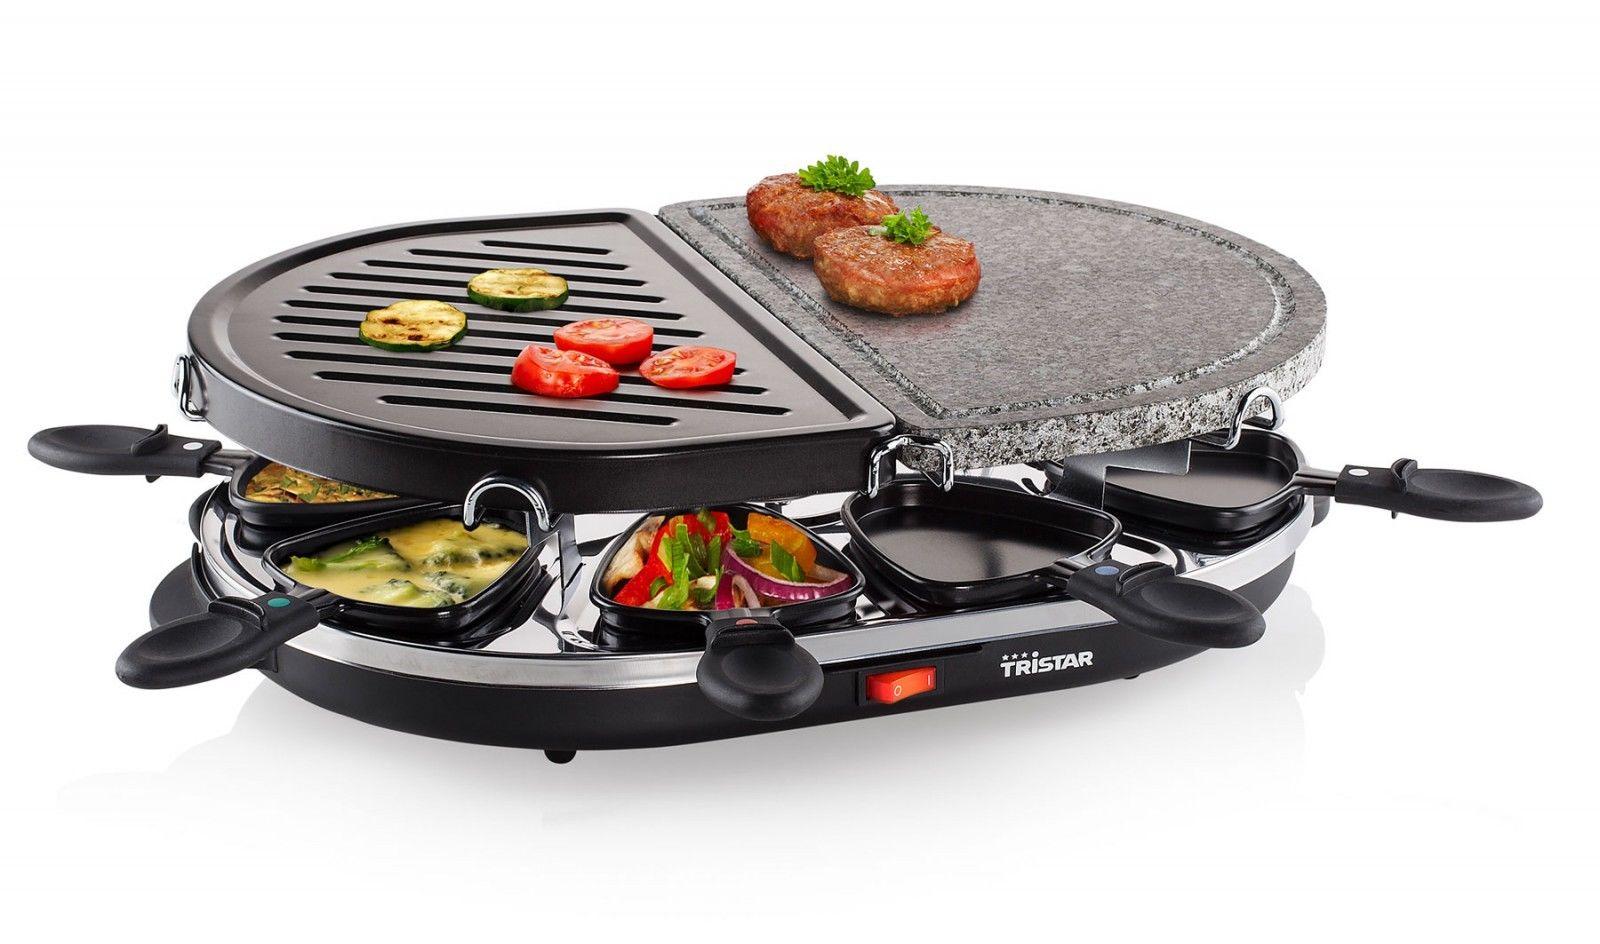 Heißer Stein Barbeque Tristar RA-2946 Raclette-Grill für 19,99€ [Clas Ohlson]